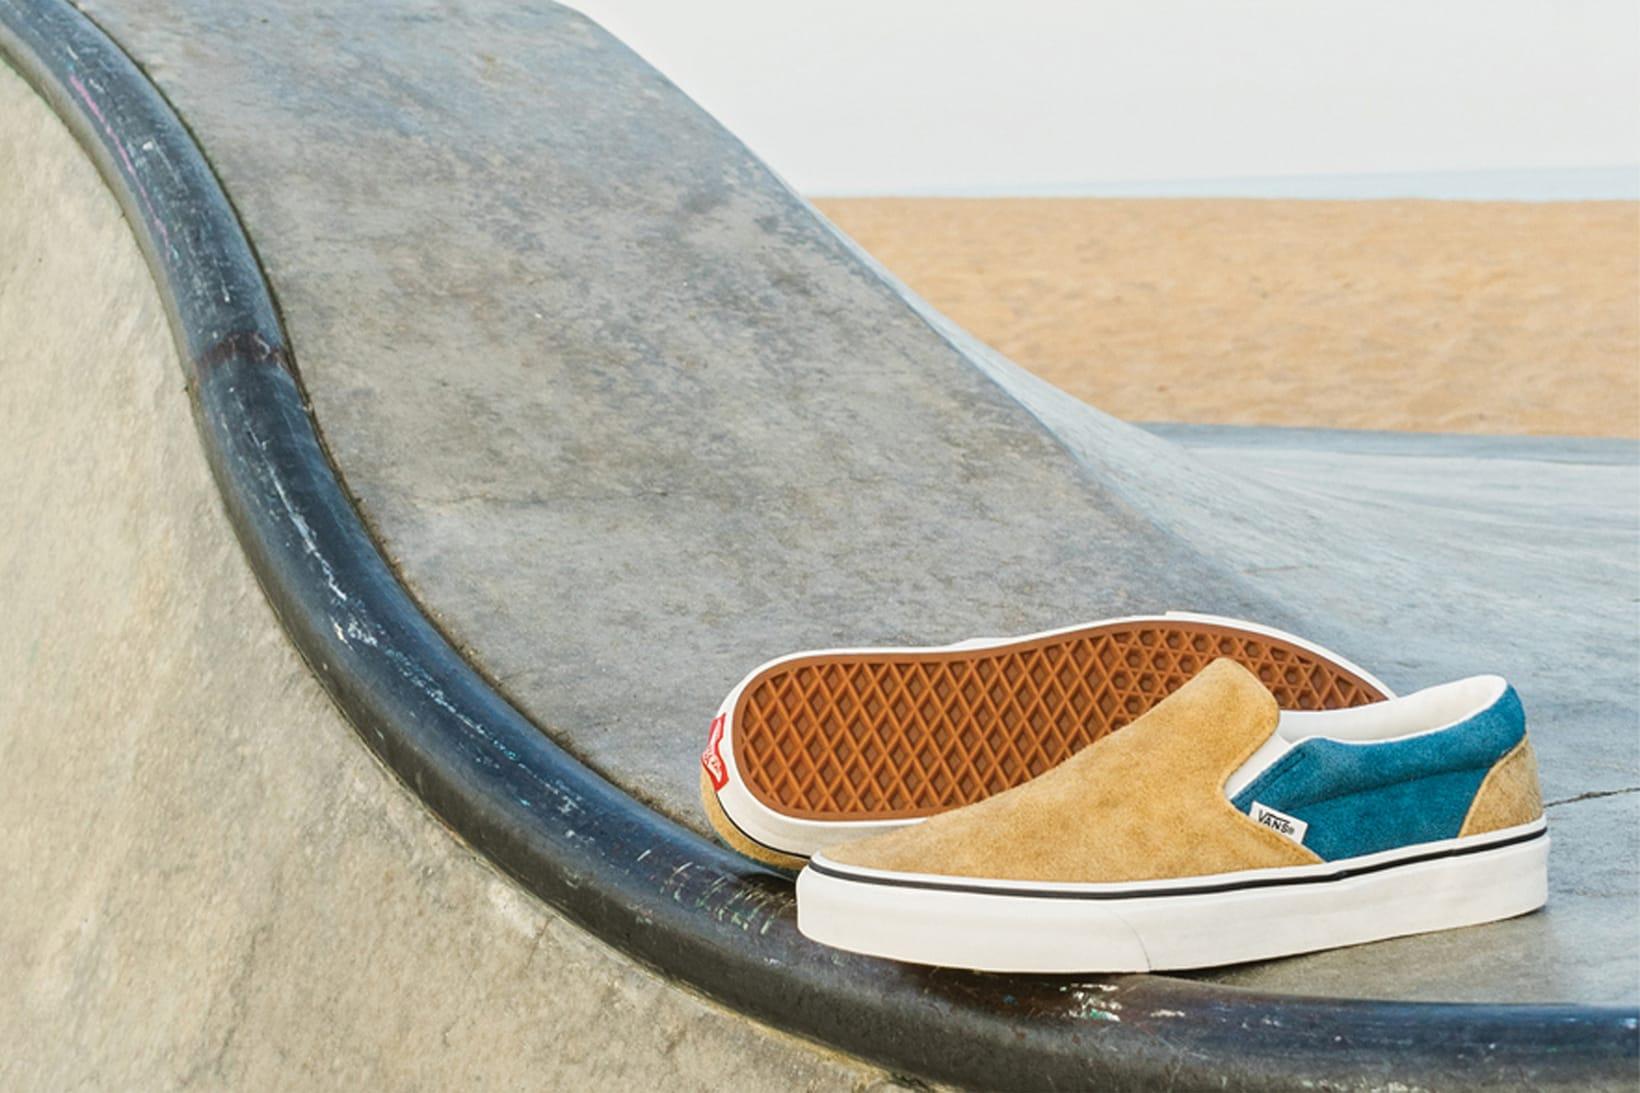 Vans Old Skool \u0026 Classic Slip-Ons in